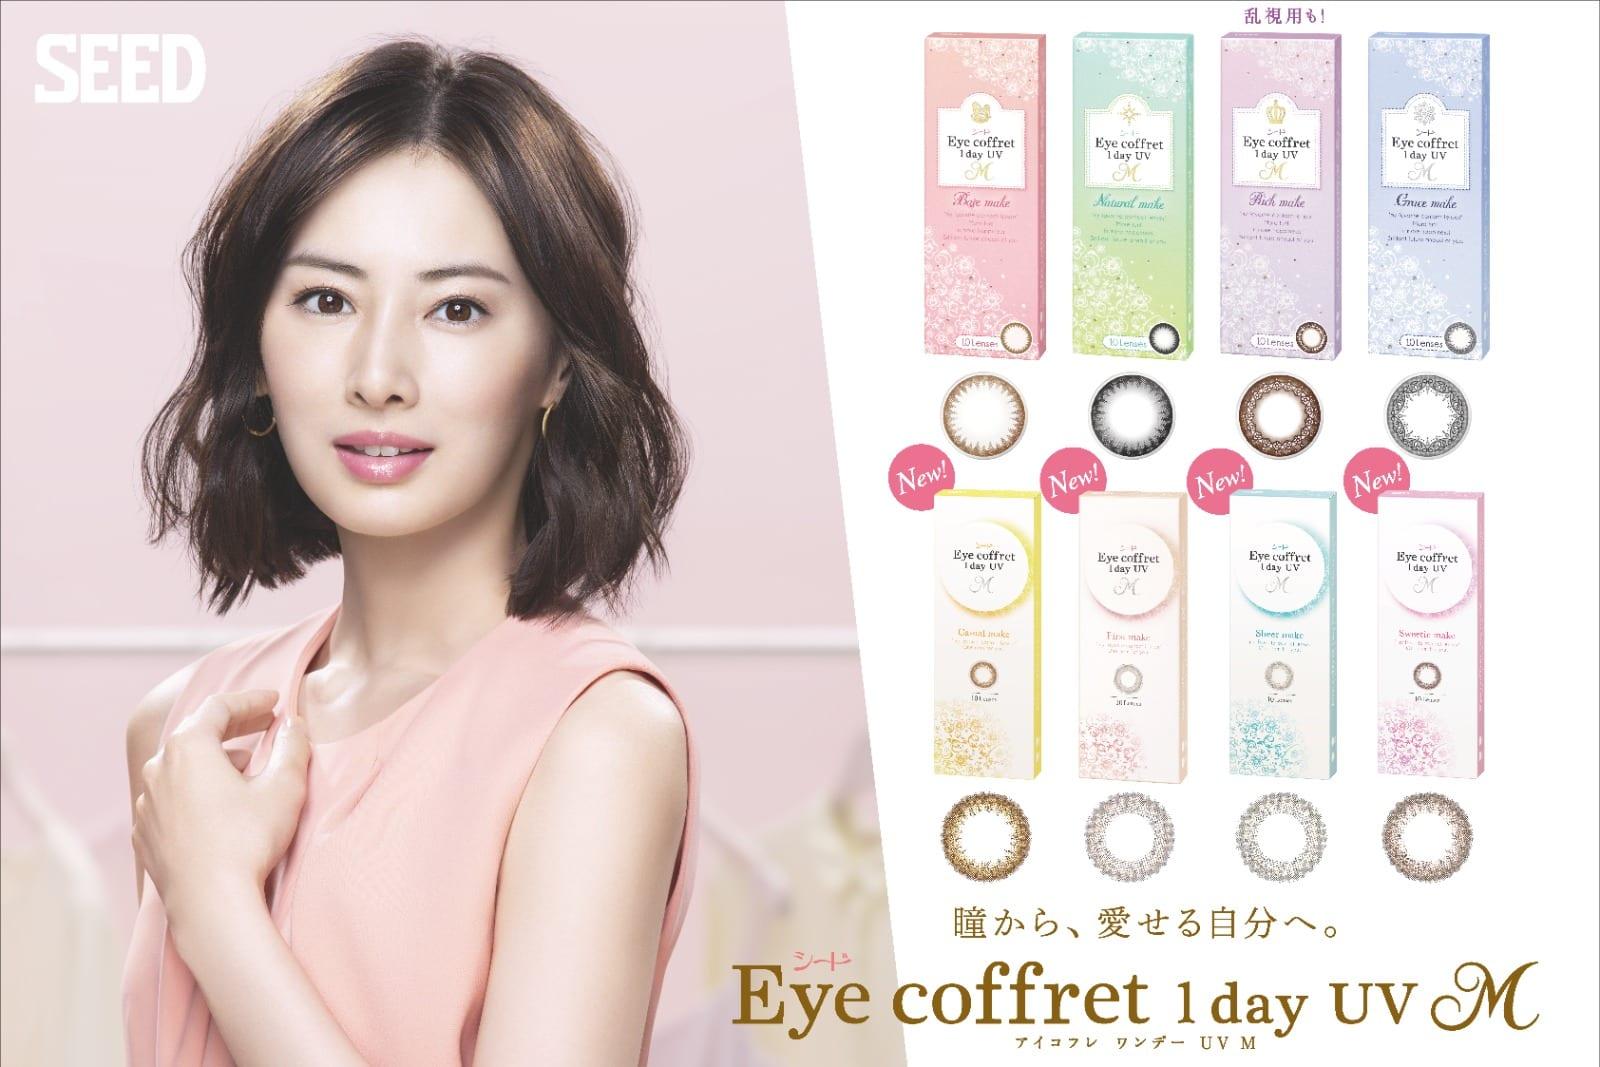 Eye Coffret 1 Day UV